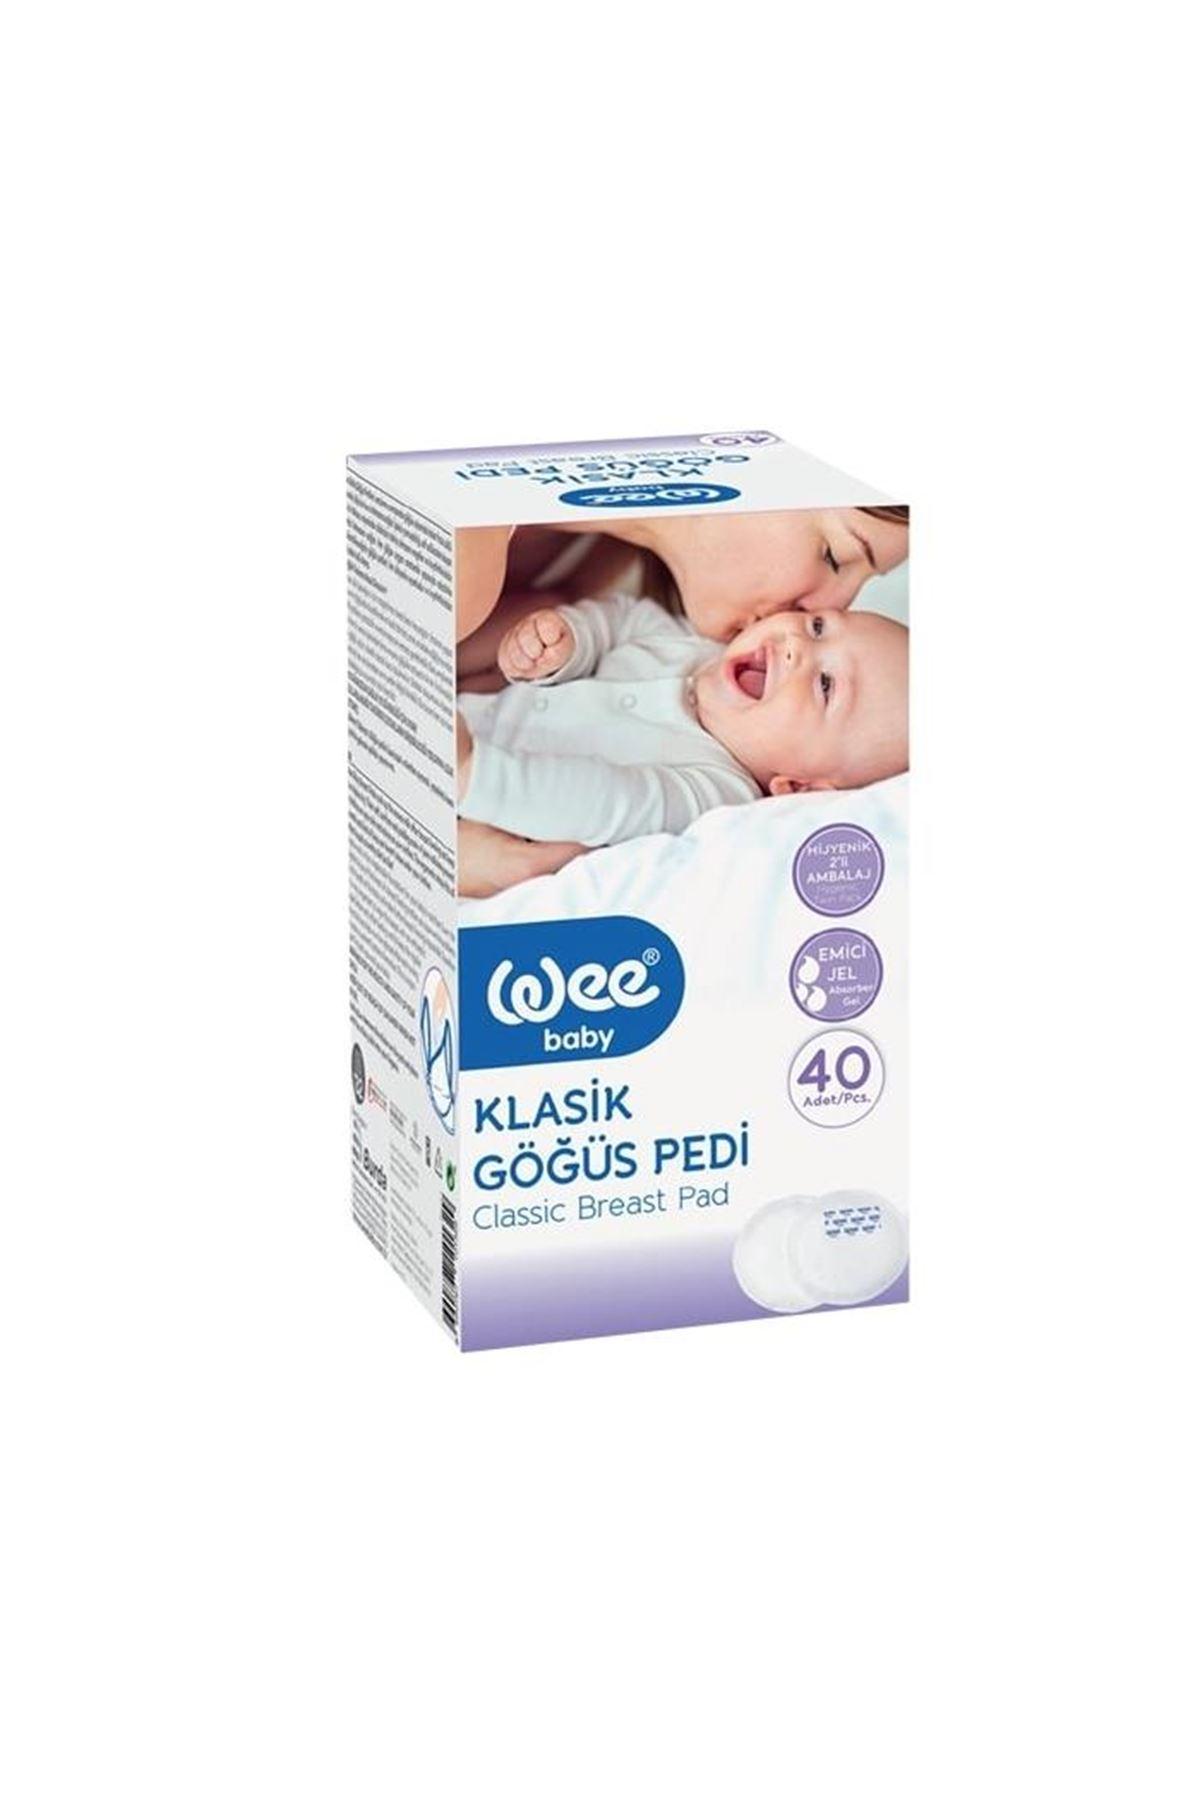 Wee Baby Klasik Göğüs Pedi 40lı 132